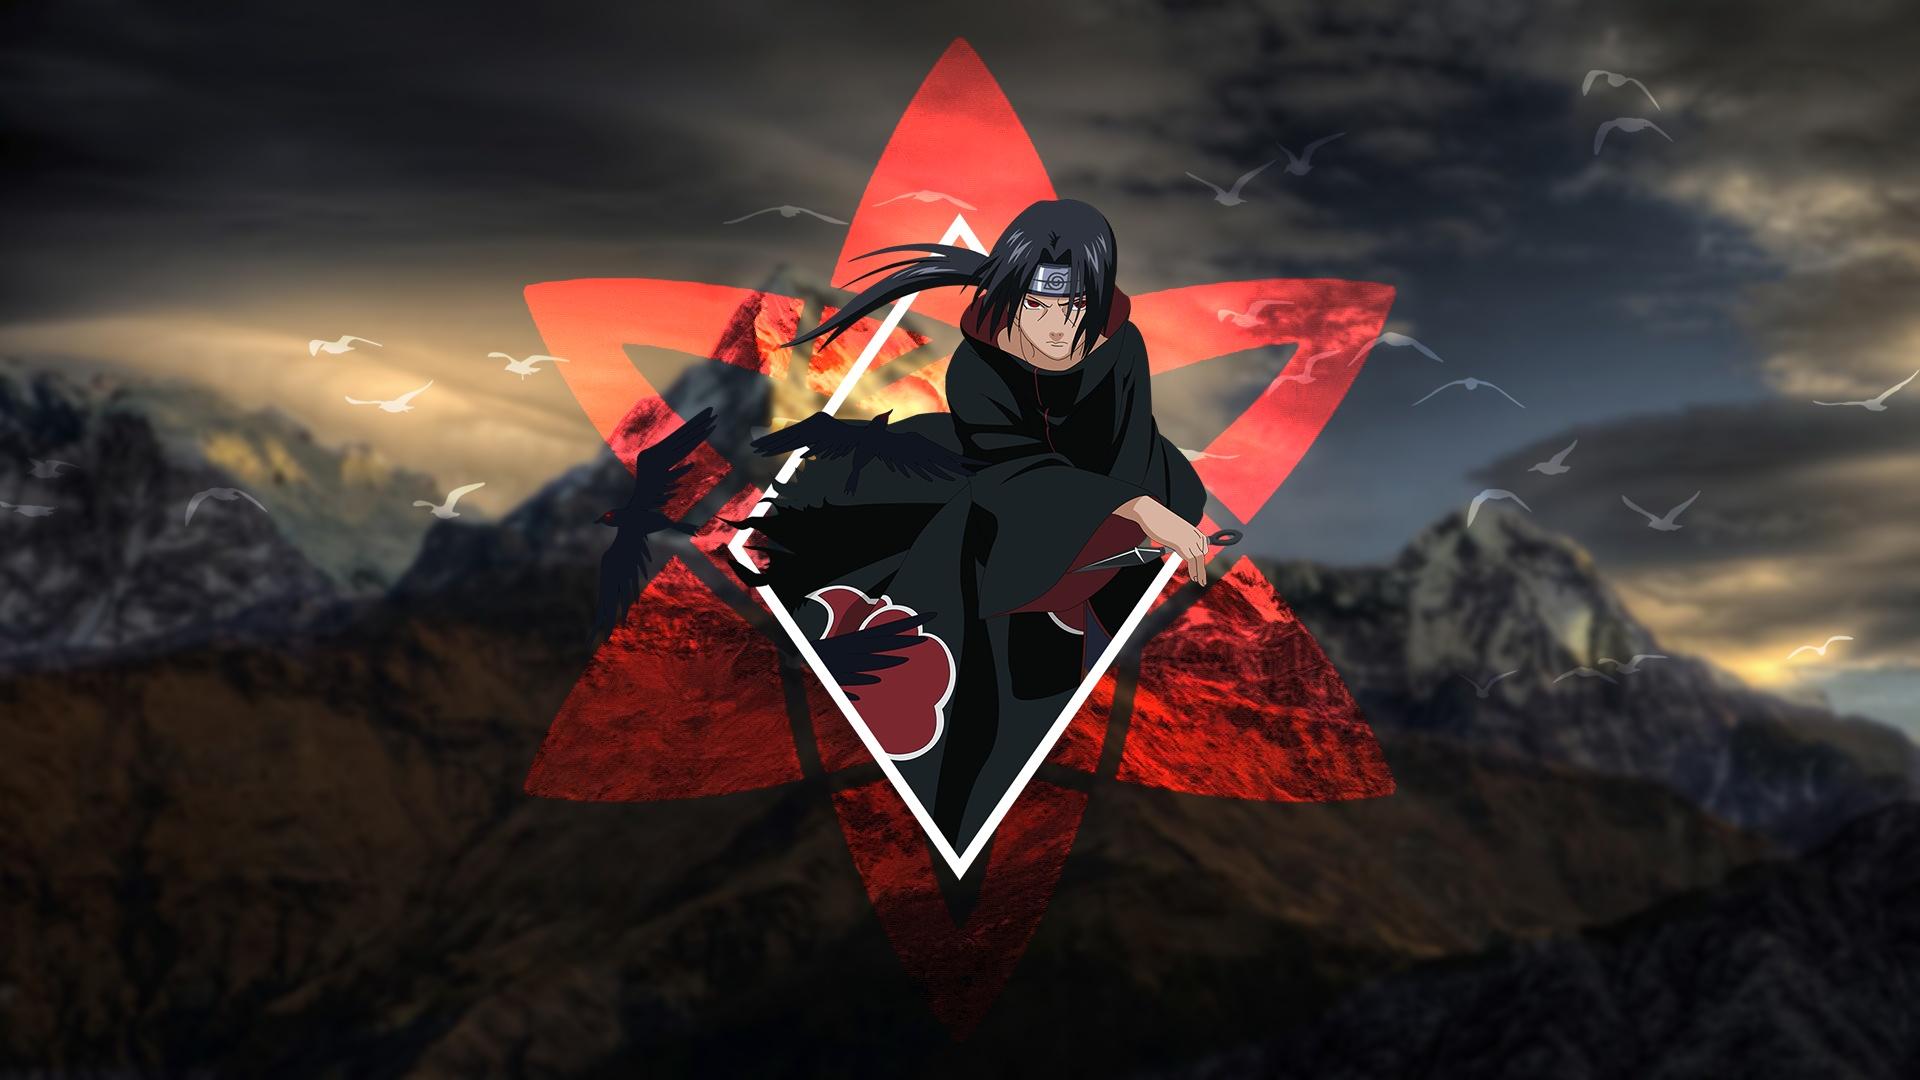 Sasuke best wallpaper